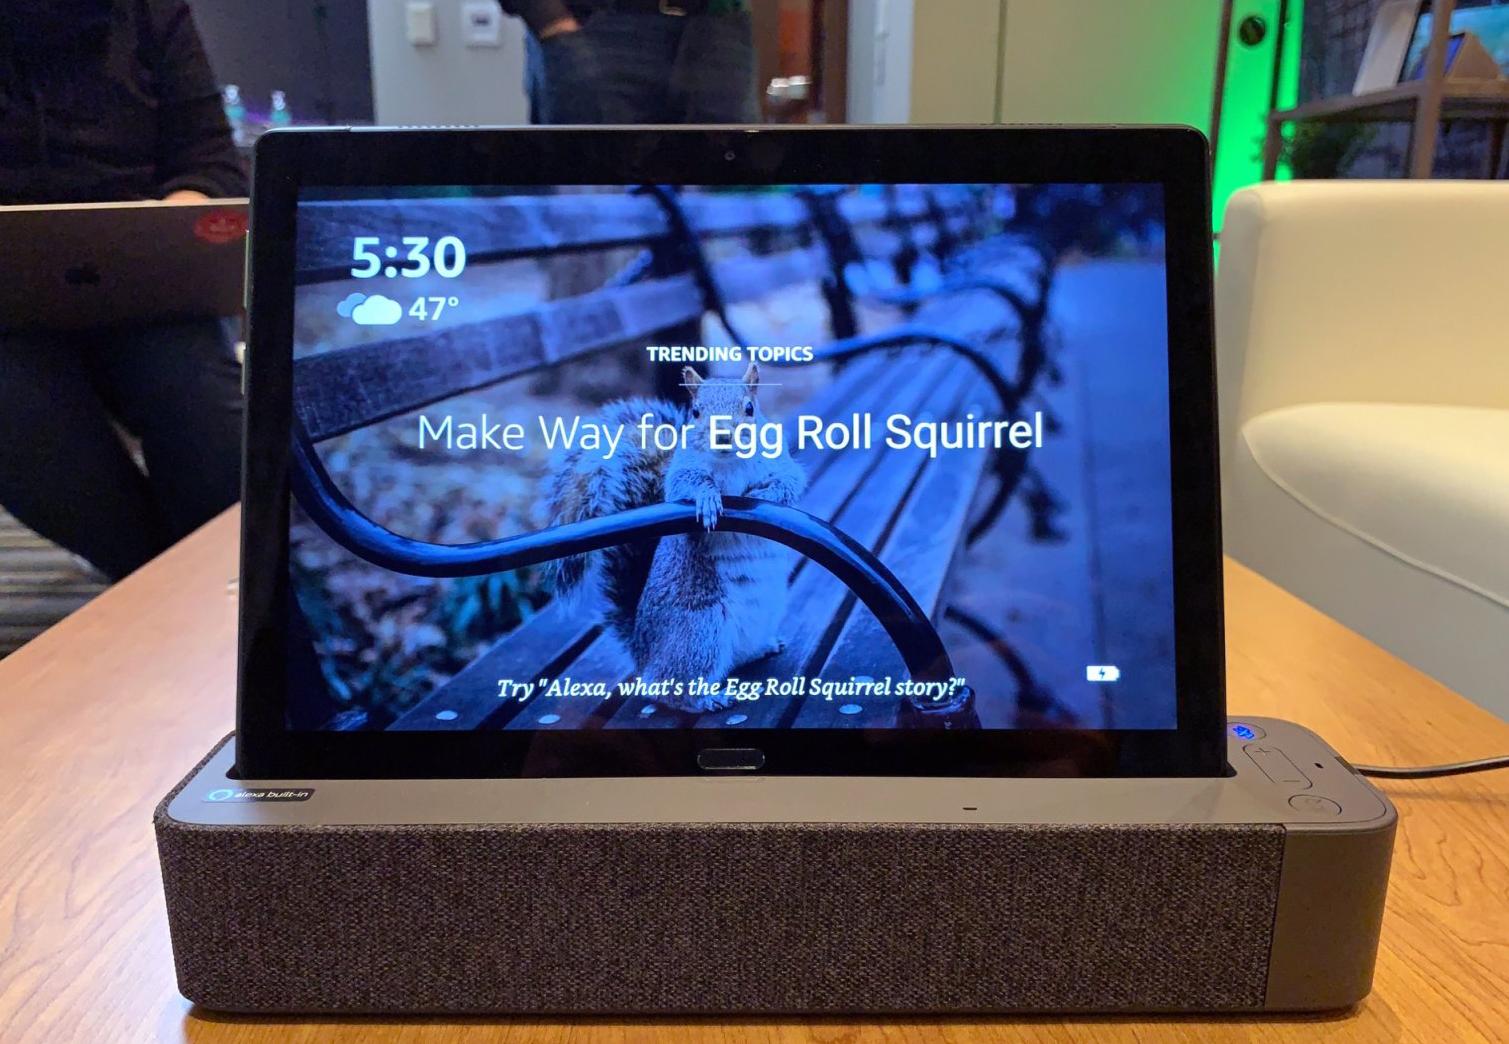 lenovo-smart-tab-with-alexa-display